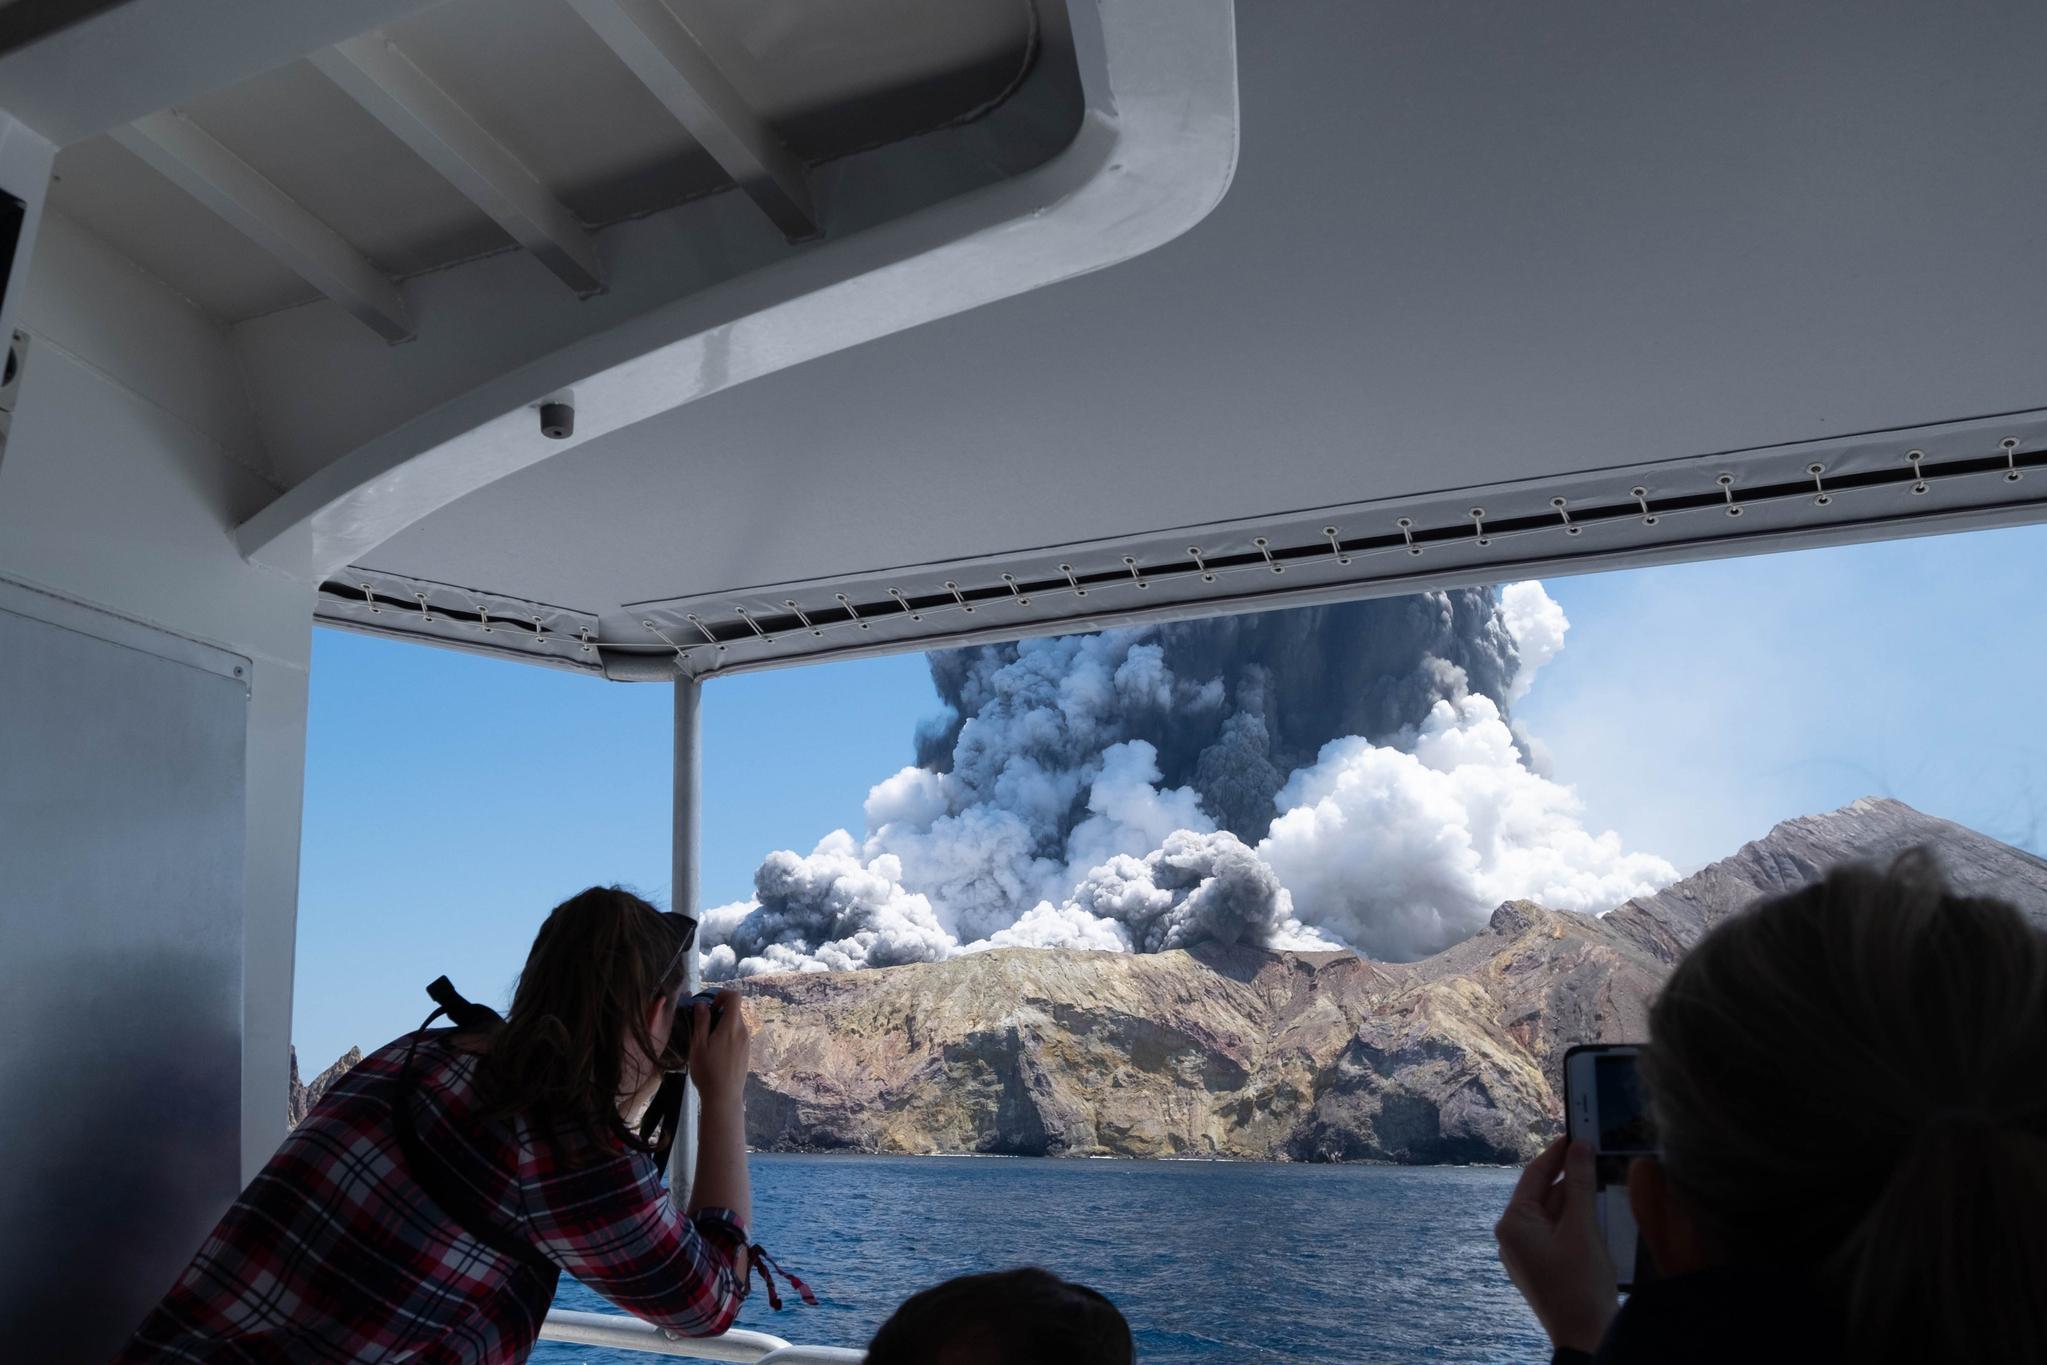 뉴질랜드 북섬 앞 화이트 아일랜드에 있는 와카아리 화산이 9일(현지시간) 폭발해 분화구 인근에 있던 관광객들이 실종되거나 부상을 입은 것으로 추정되고 있다. [사진 트위터]